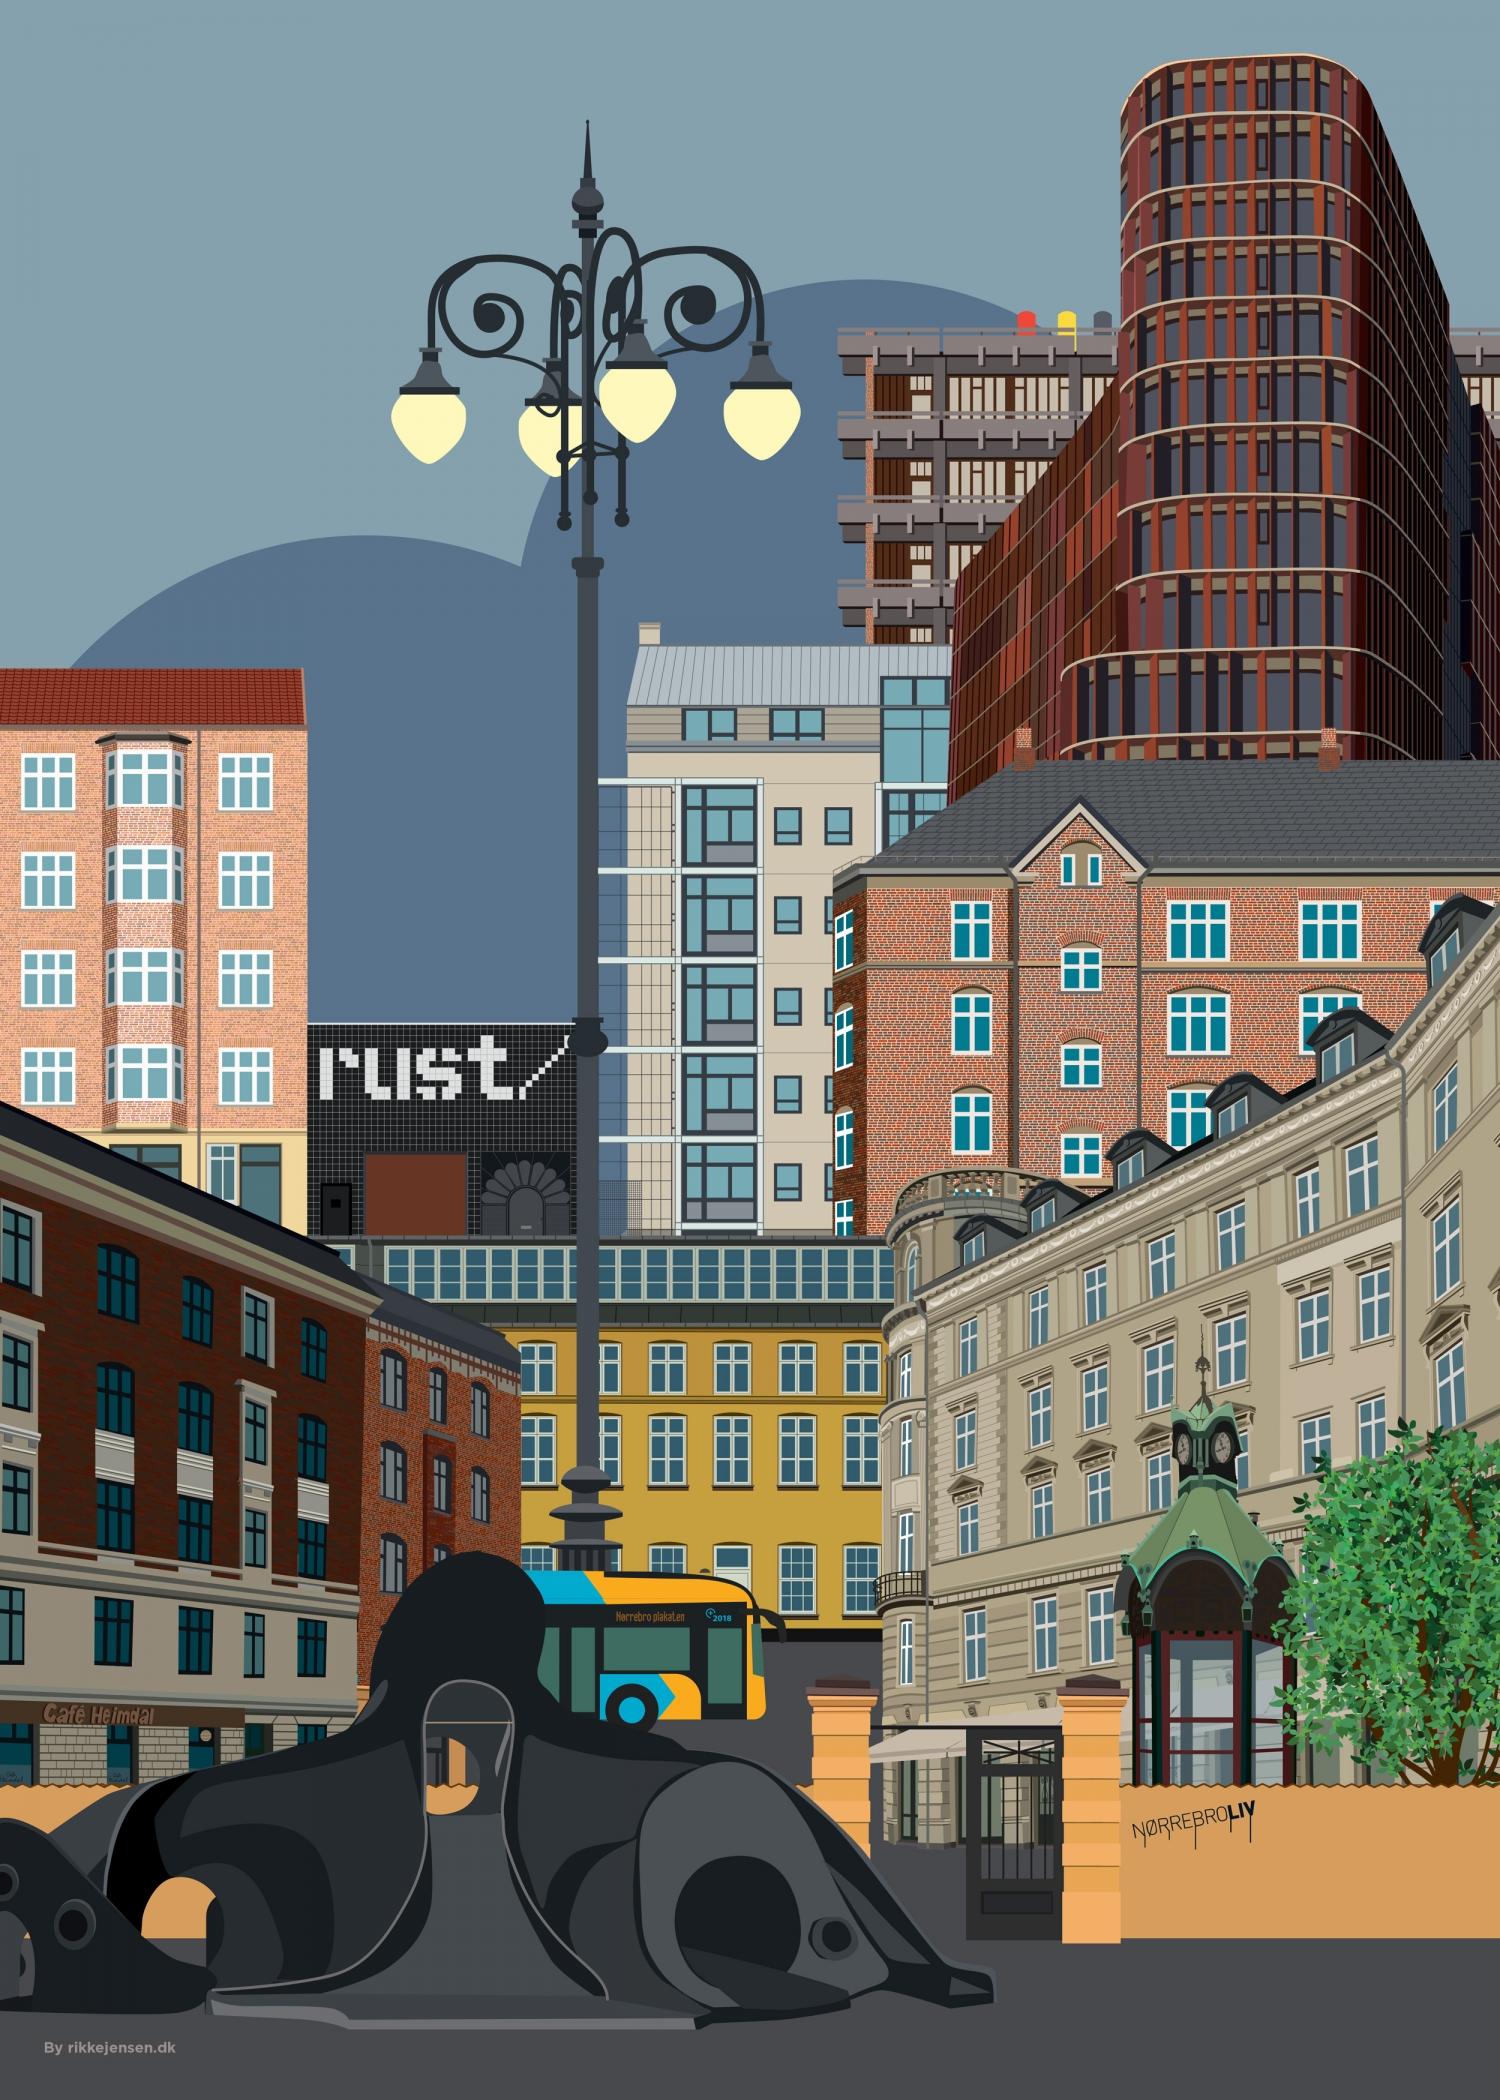 Nørrebro collage 1 - Rust, blæksprutte, mærsk